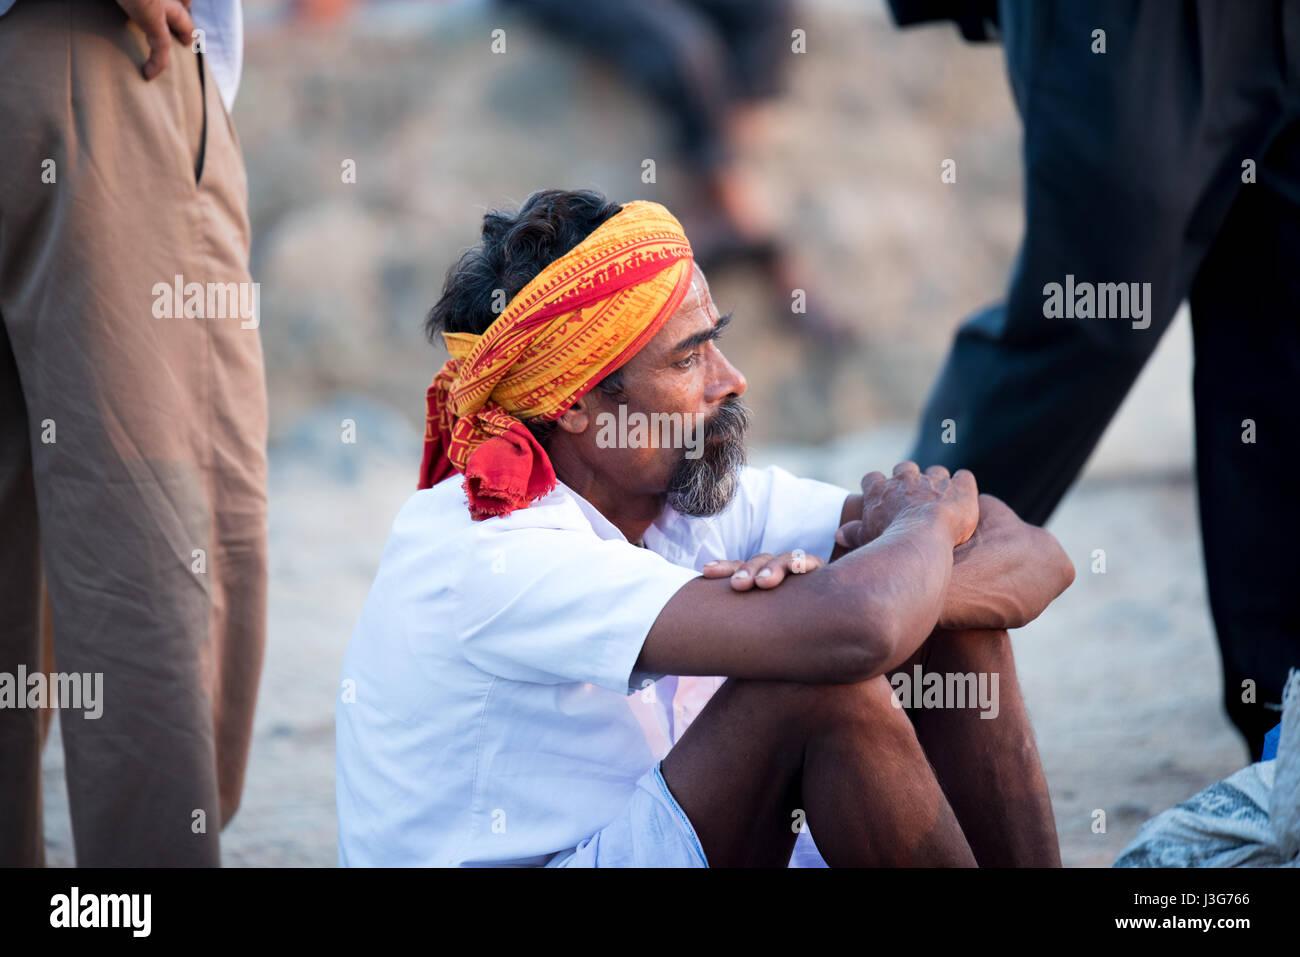 Los hombres sentados en el suelo mirando inmidst una multitud de personas en Kanyakumari, India Imagen De Stock